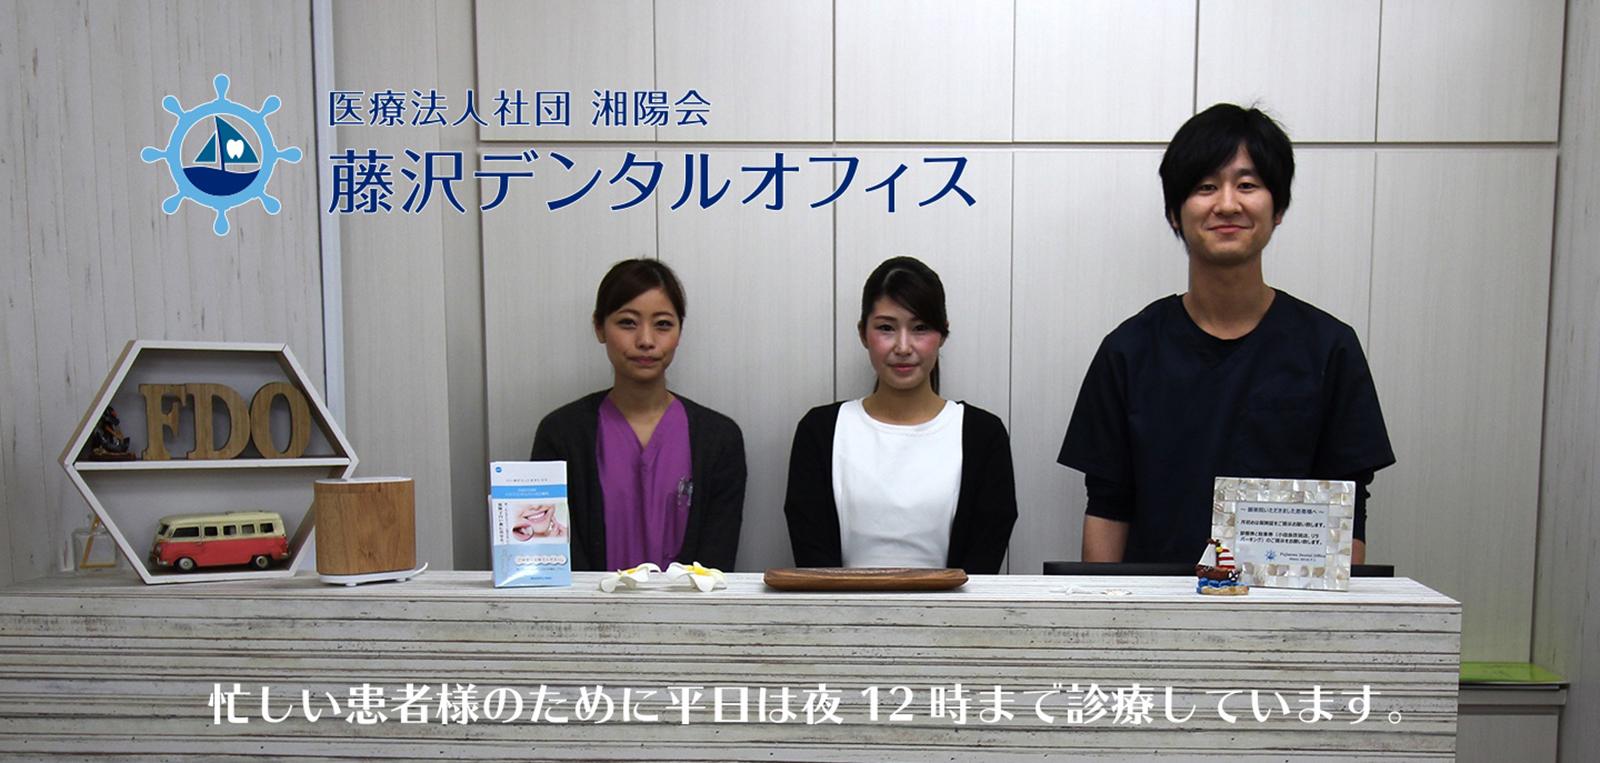 藤沢デンタルオフィス